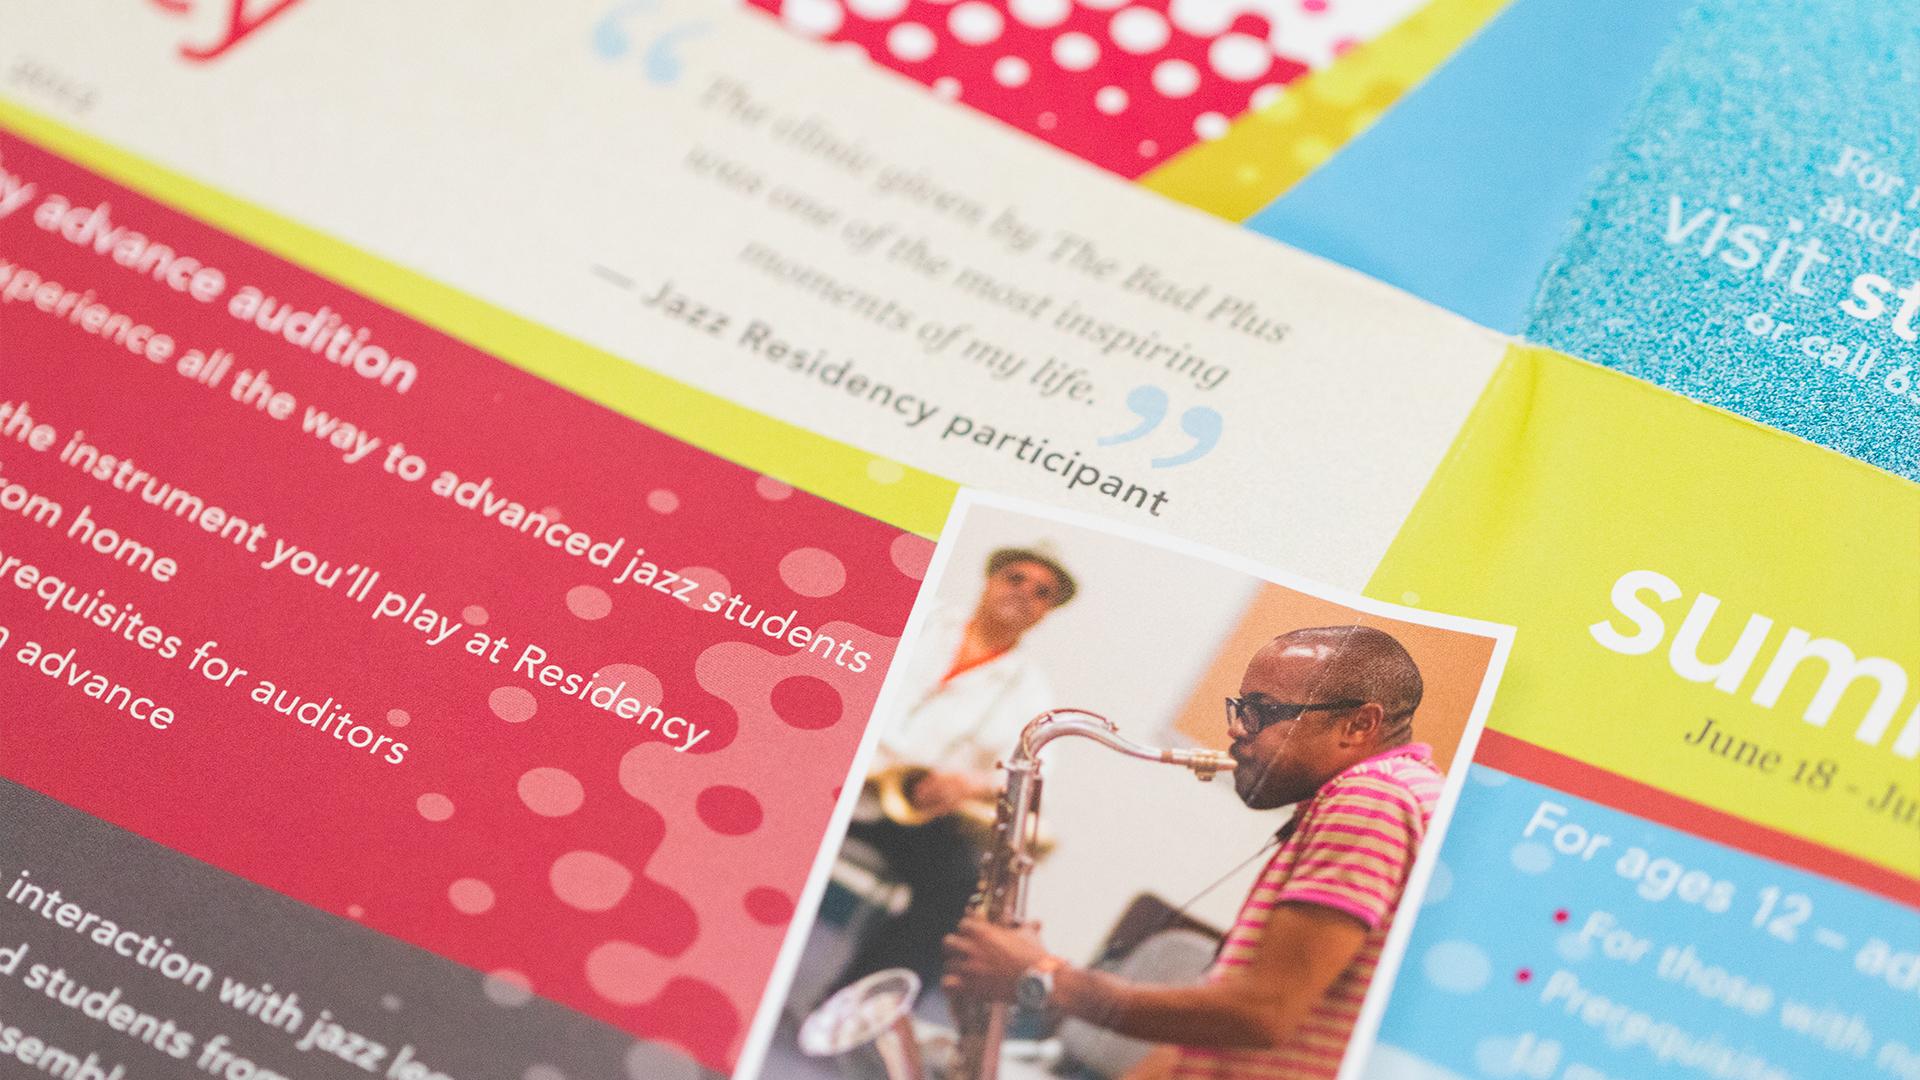 Print – Workshop Mailer – Panels Side (Jazz Residency Close-Up)